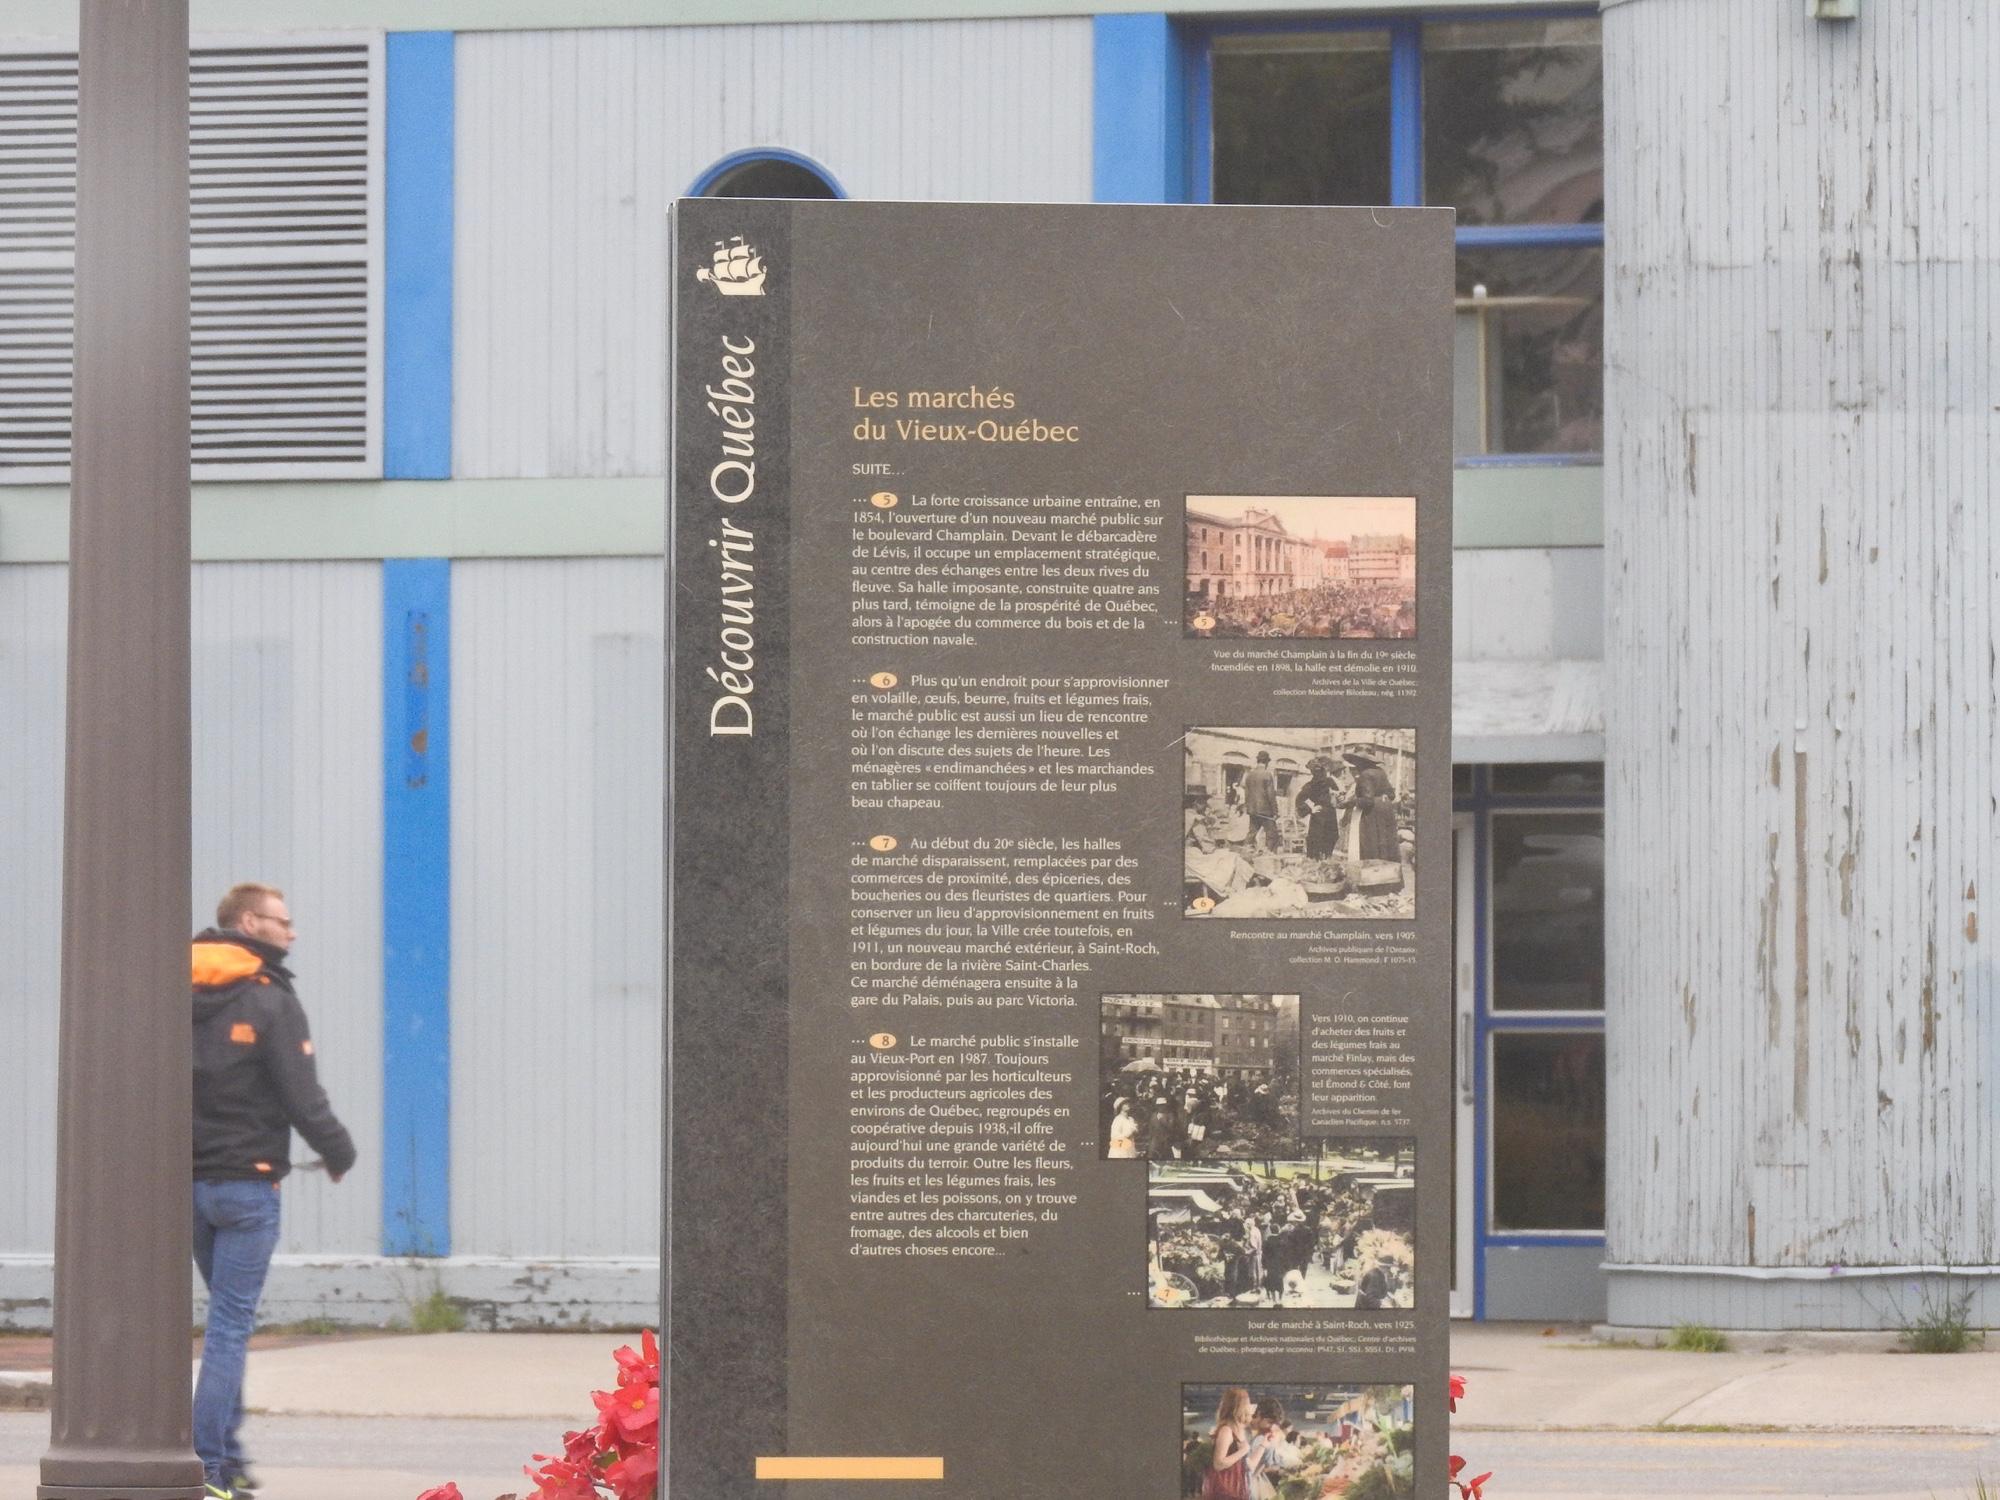 ケベックシティ観光で人気だった旧港市場